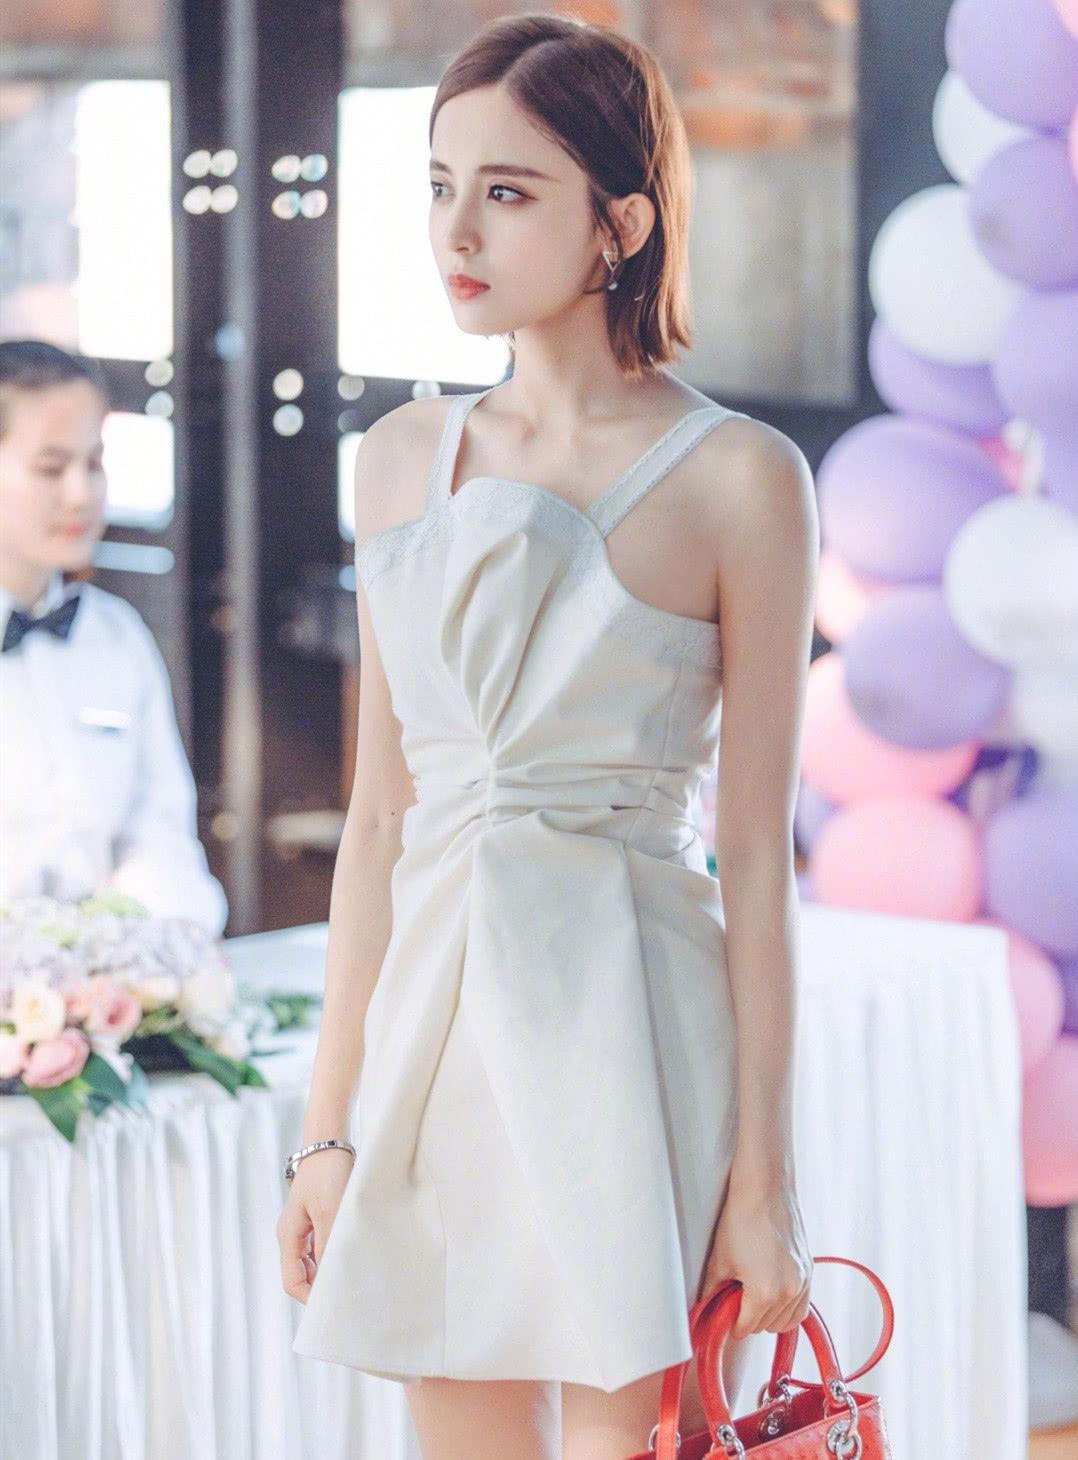 古力娜扎,不愧是时尚百变女神,穿什么都是梦里女总裁的样子